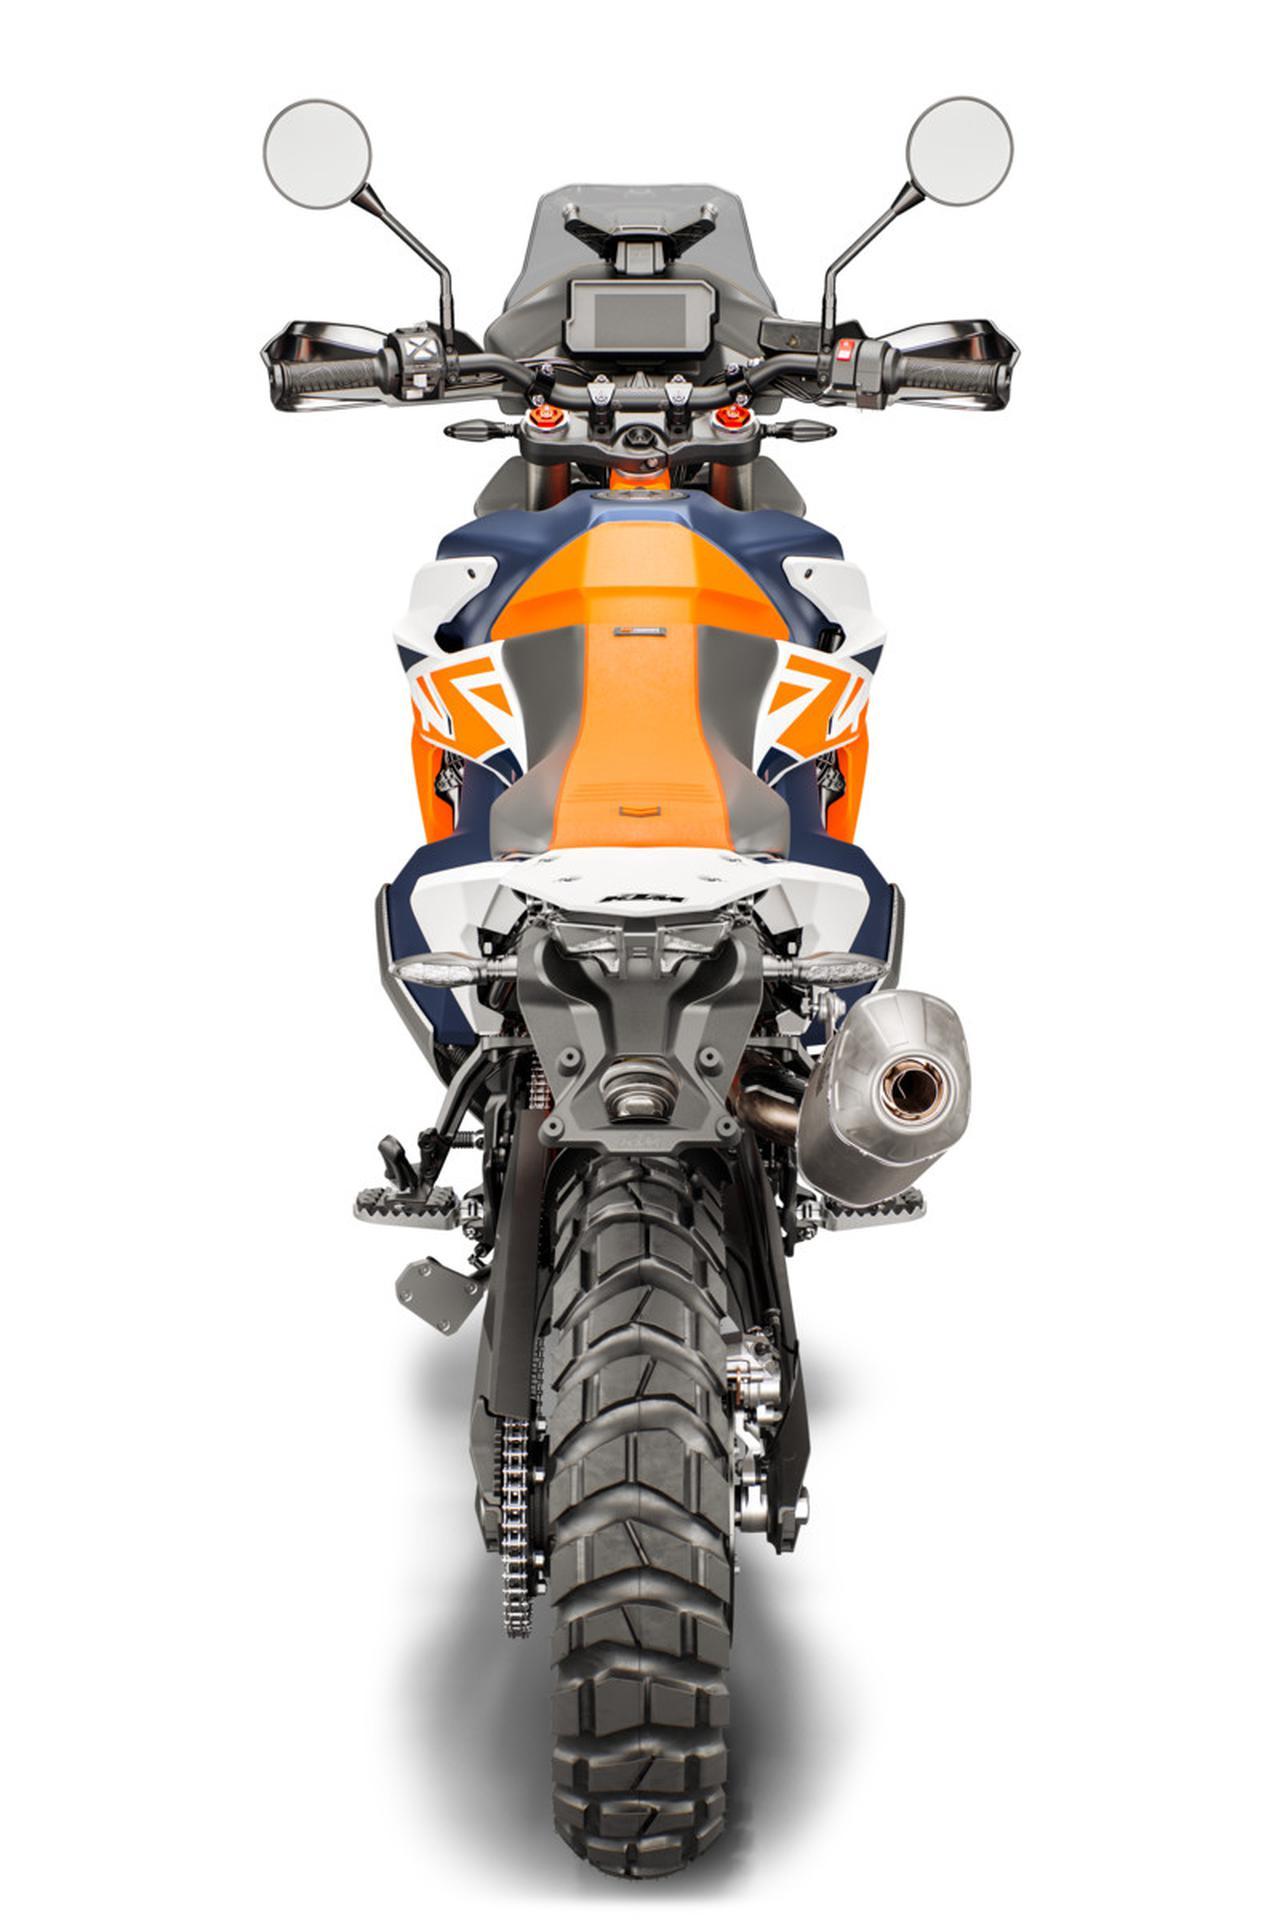 Images : 7番目の画像 - KTM 790 ADVENTURE R Rallyの写真をもっと見る - webオートバイ